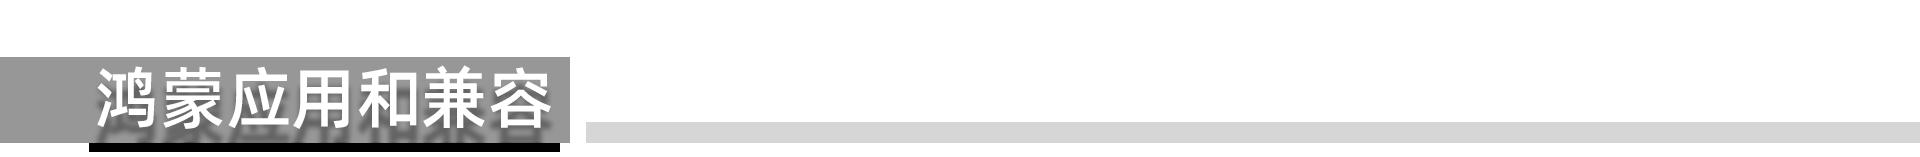 鸿蒙应用和兼容.png